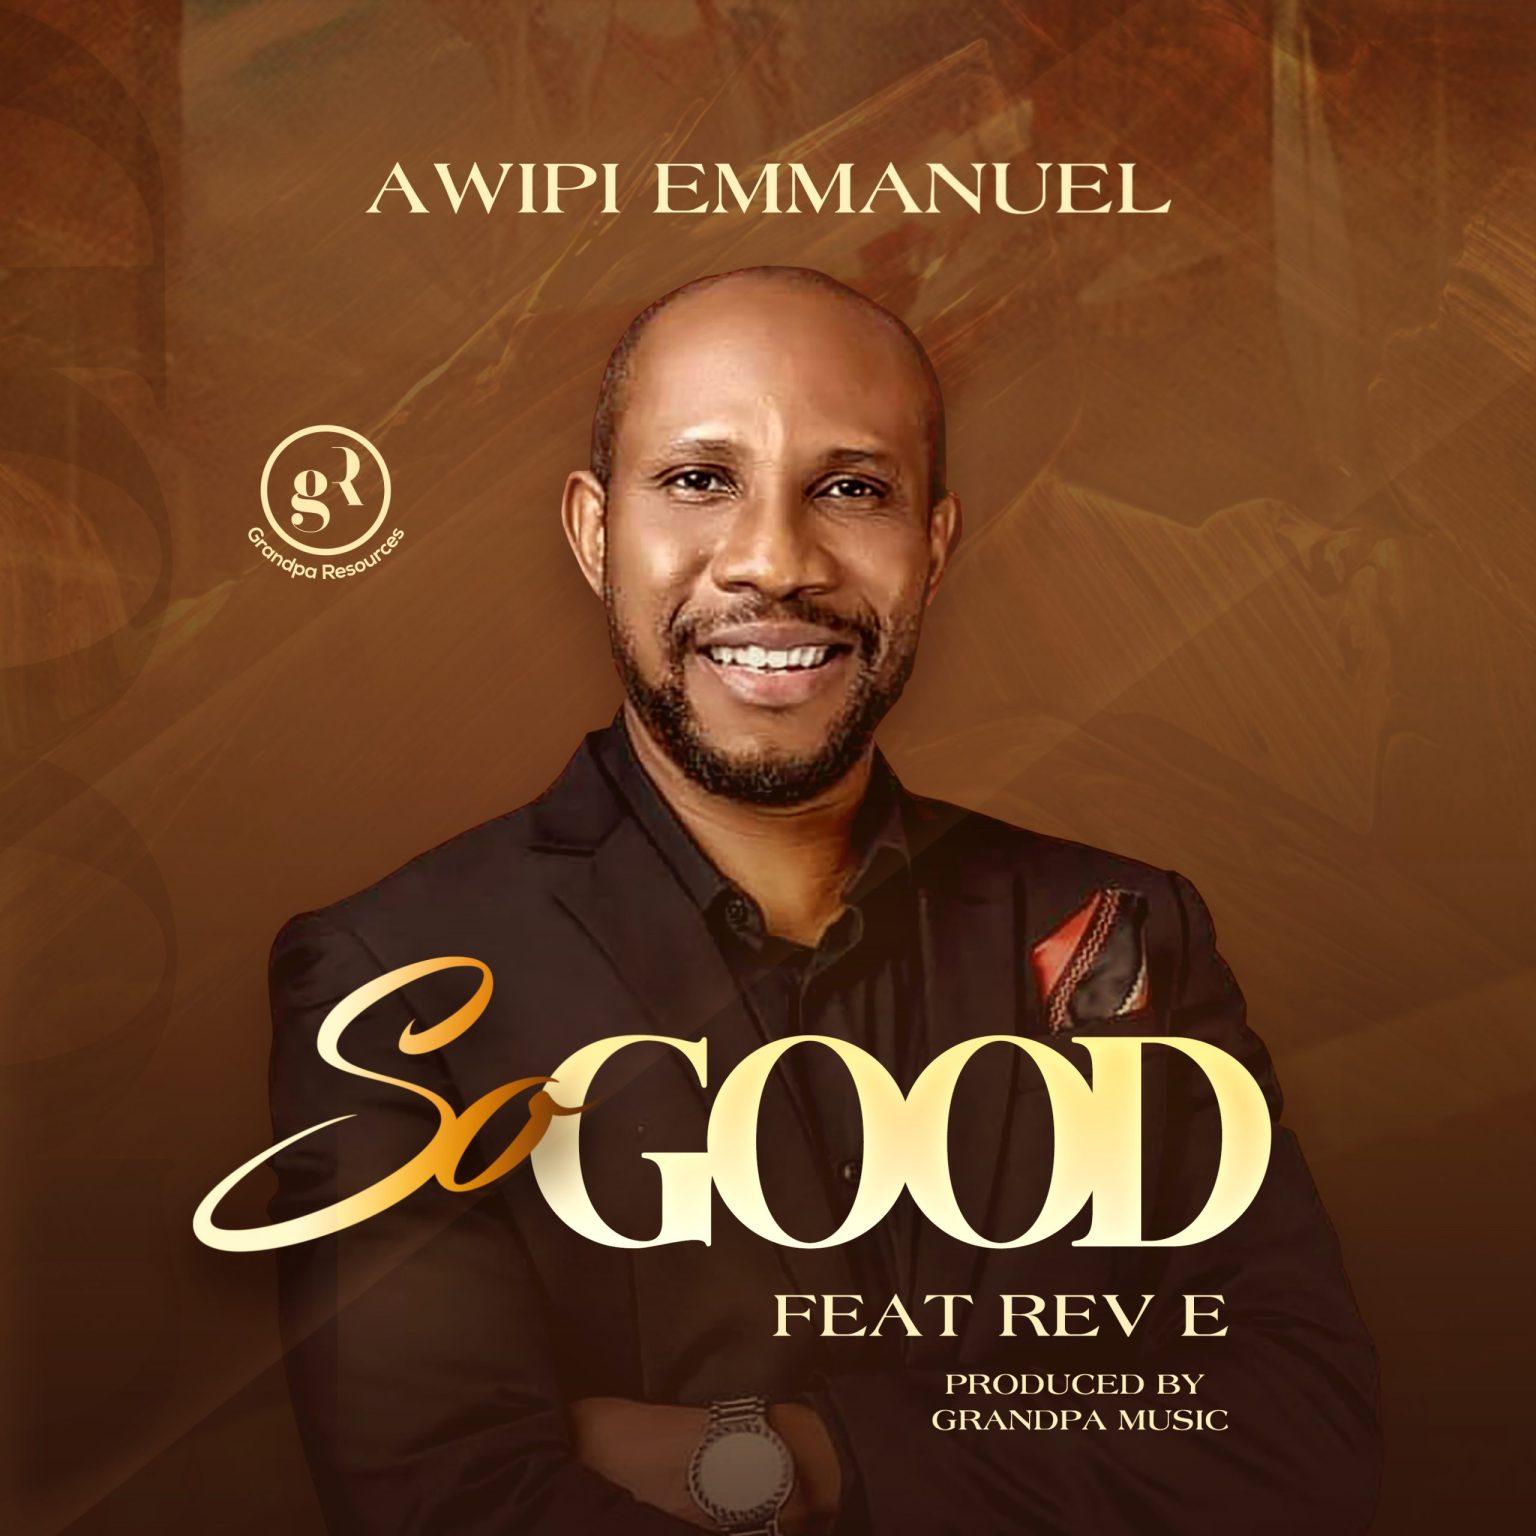 Awipi Emmanuel